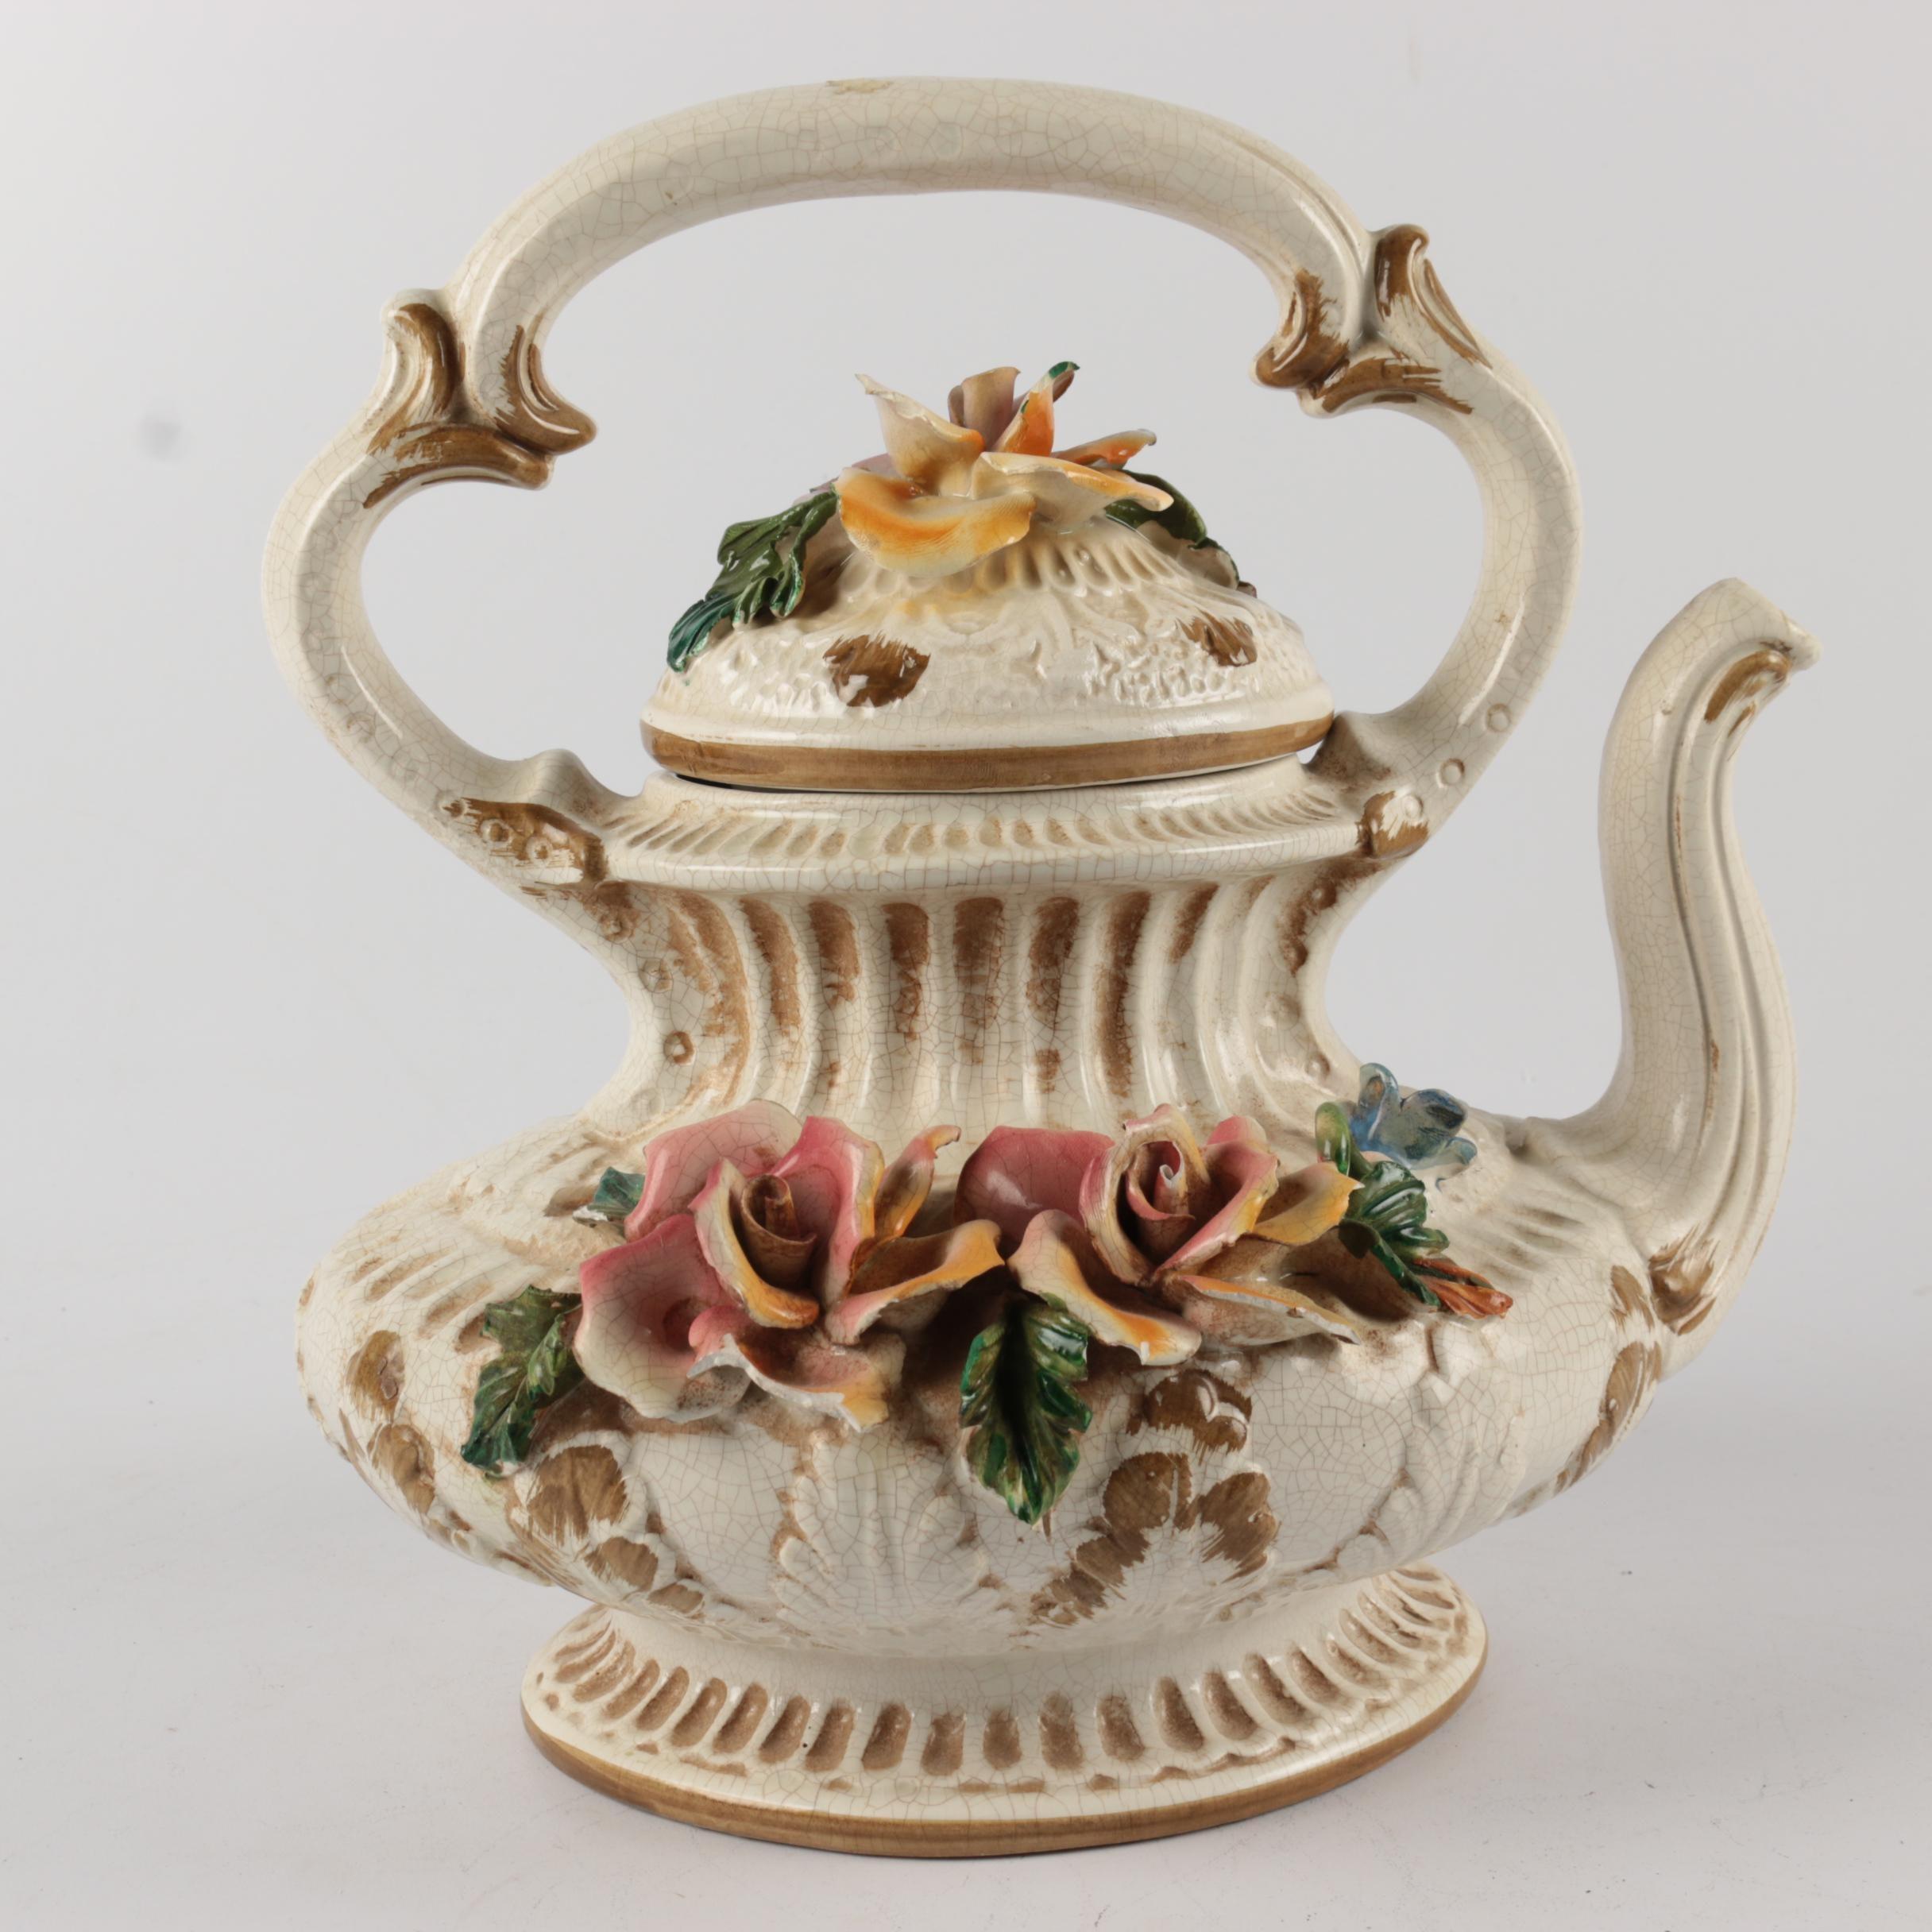 Vintage Capodimonte Porcelain Teapot